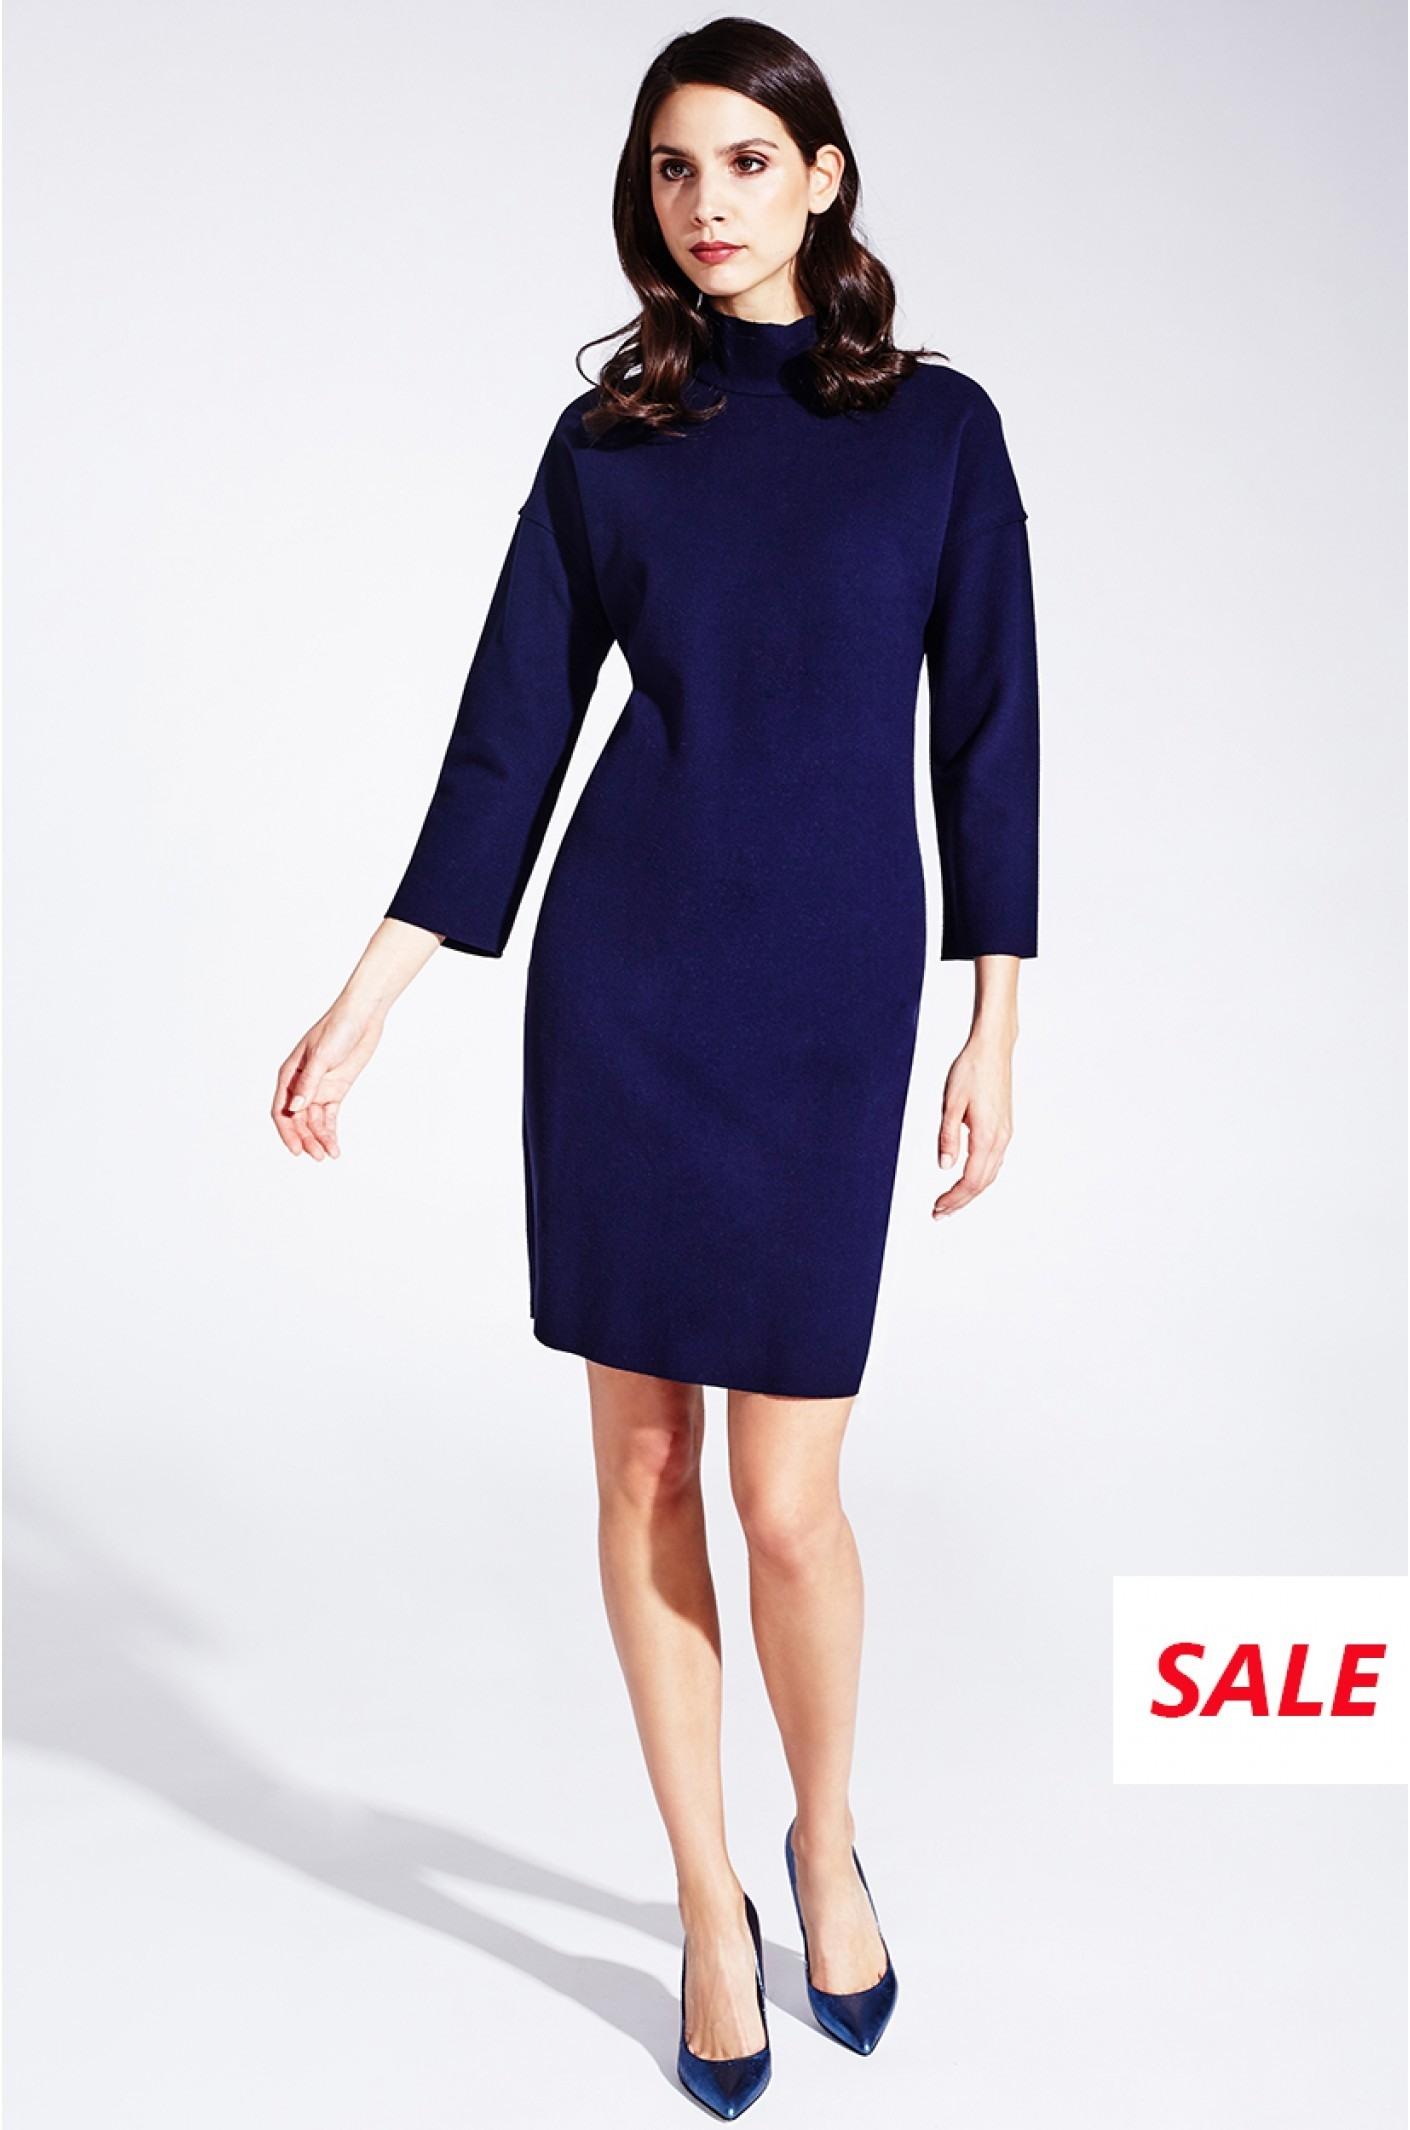 15 Einfach Langes Dunkelblaues Kleid DesignFormal Luxurius Langes Dunkelblaues Kleid Ärmel